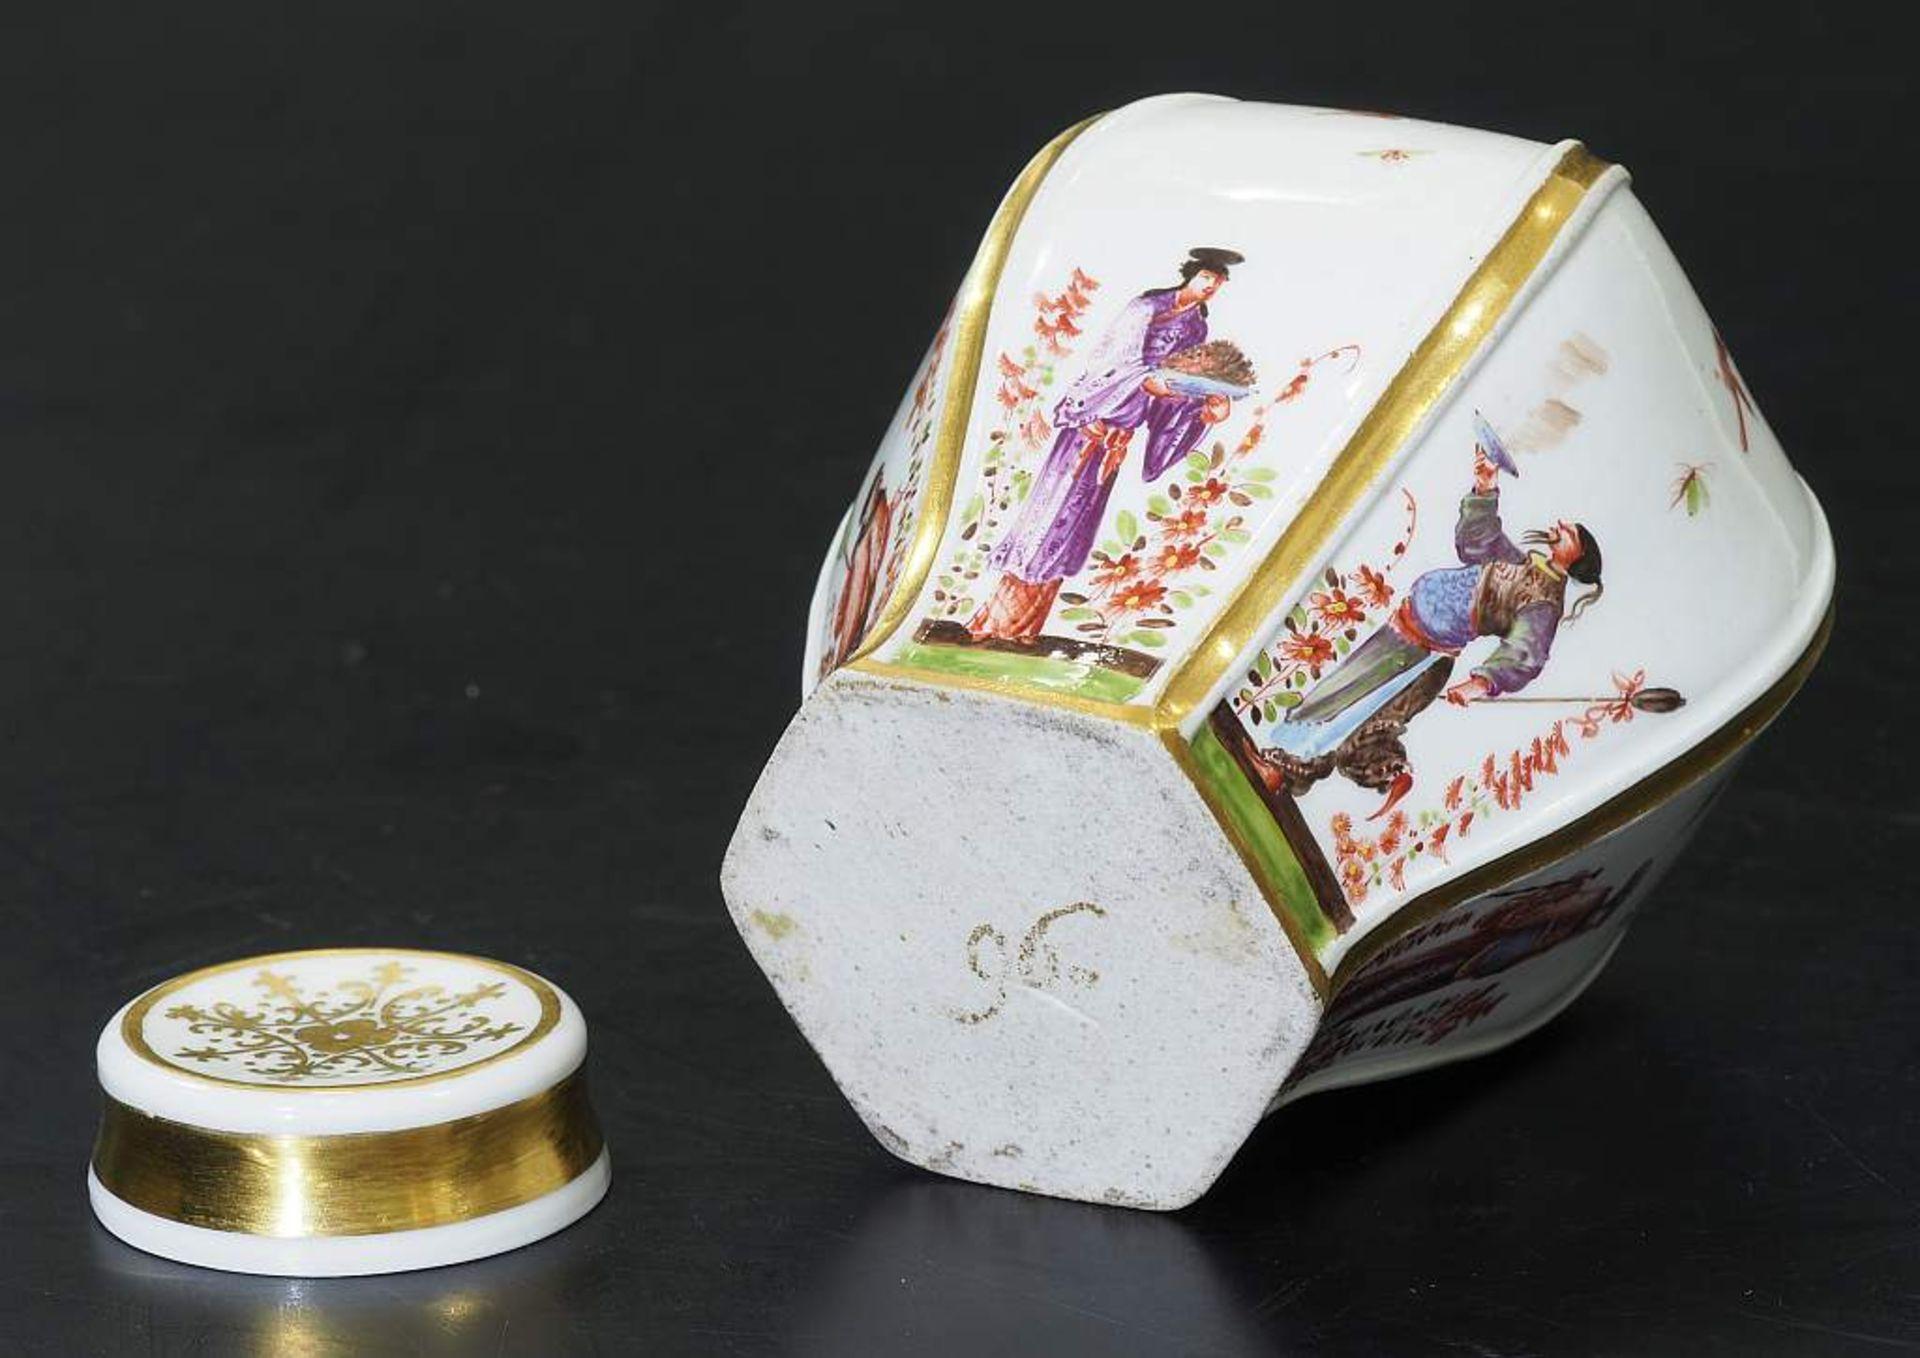 Teedose um 1725. MEISSEN. Teedose um 1725. MEISSEN. Balusterförmige Teedose in hexagonaler Form - Bild 7 aus 8